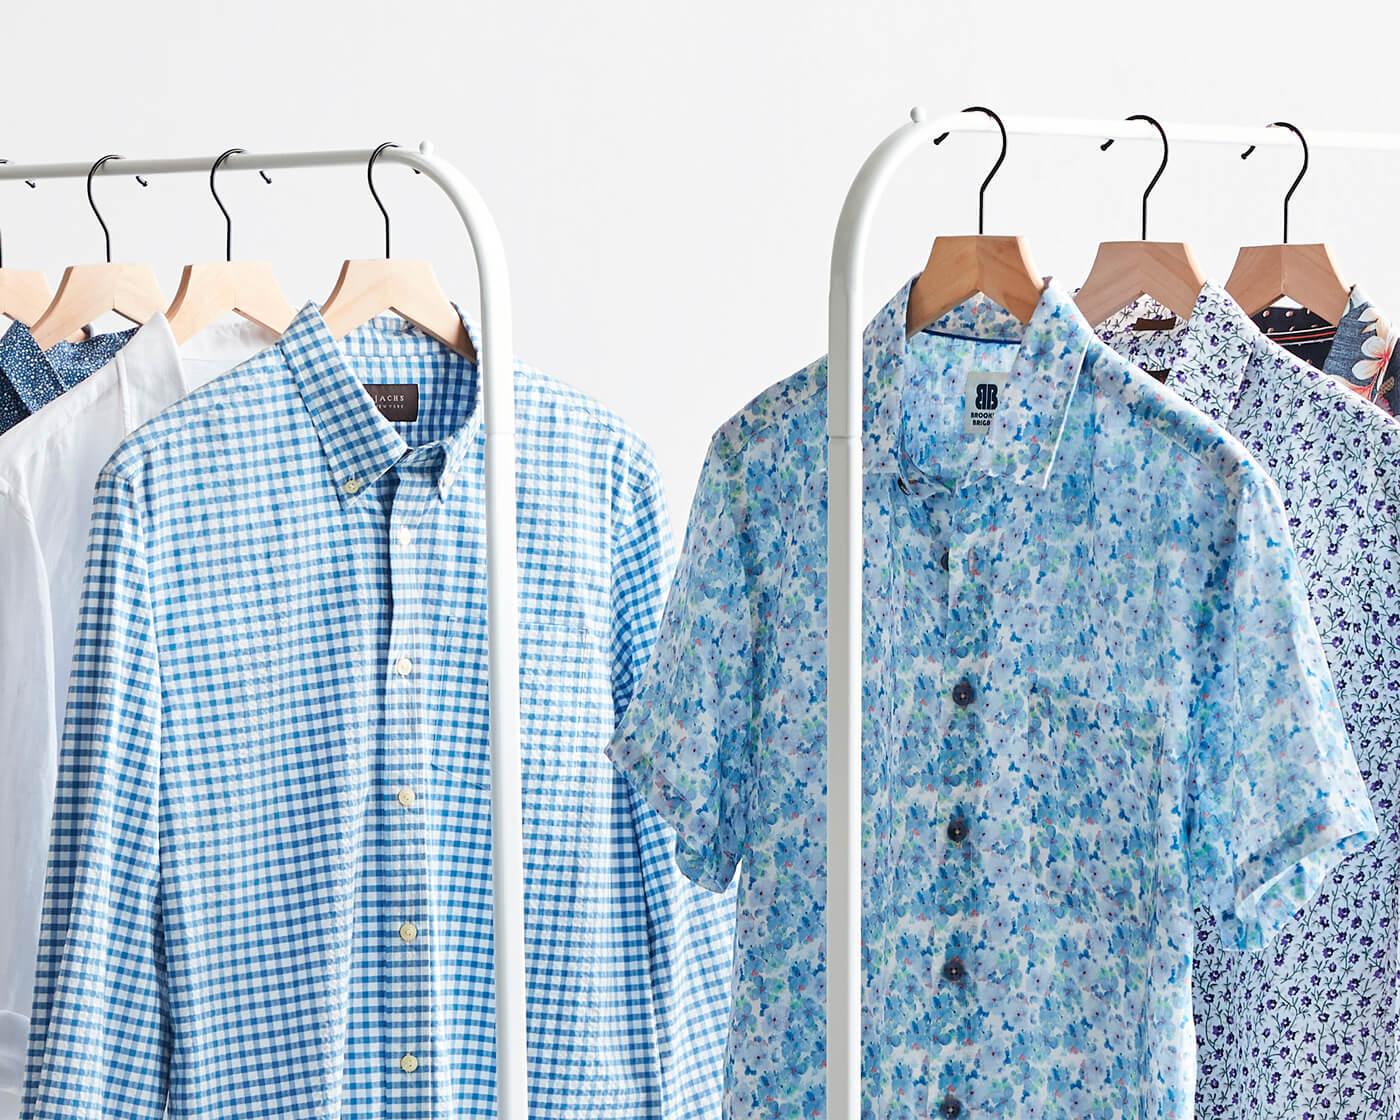 men's shirt style tips